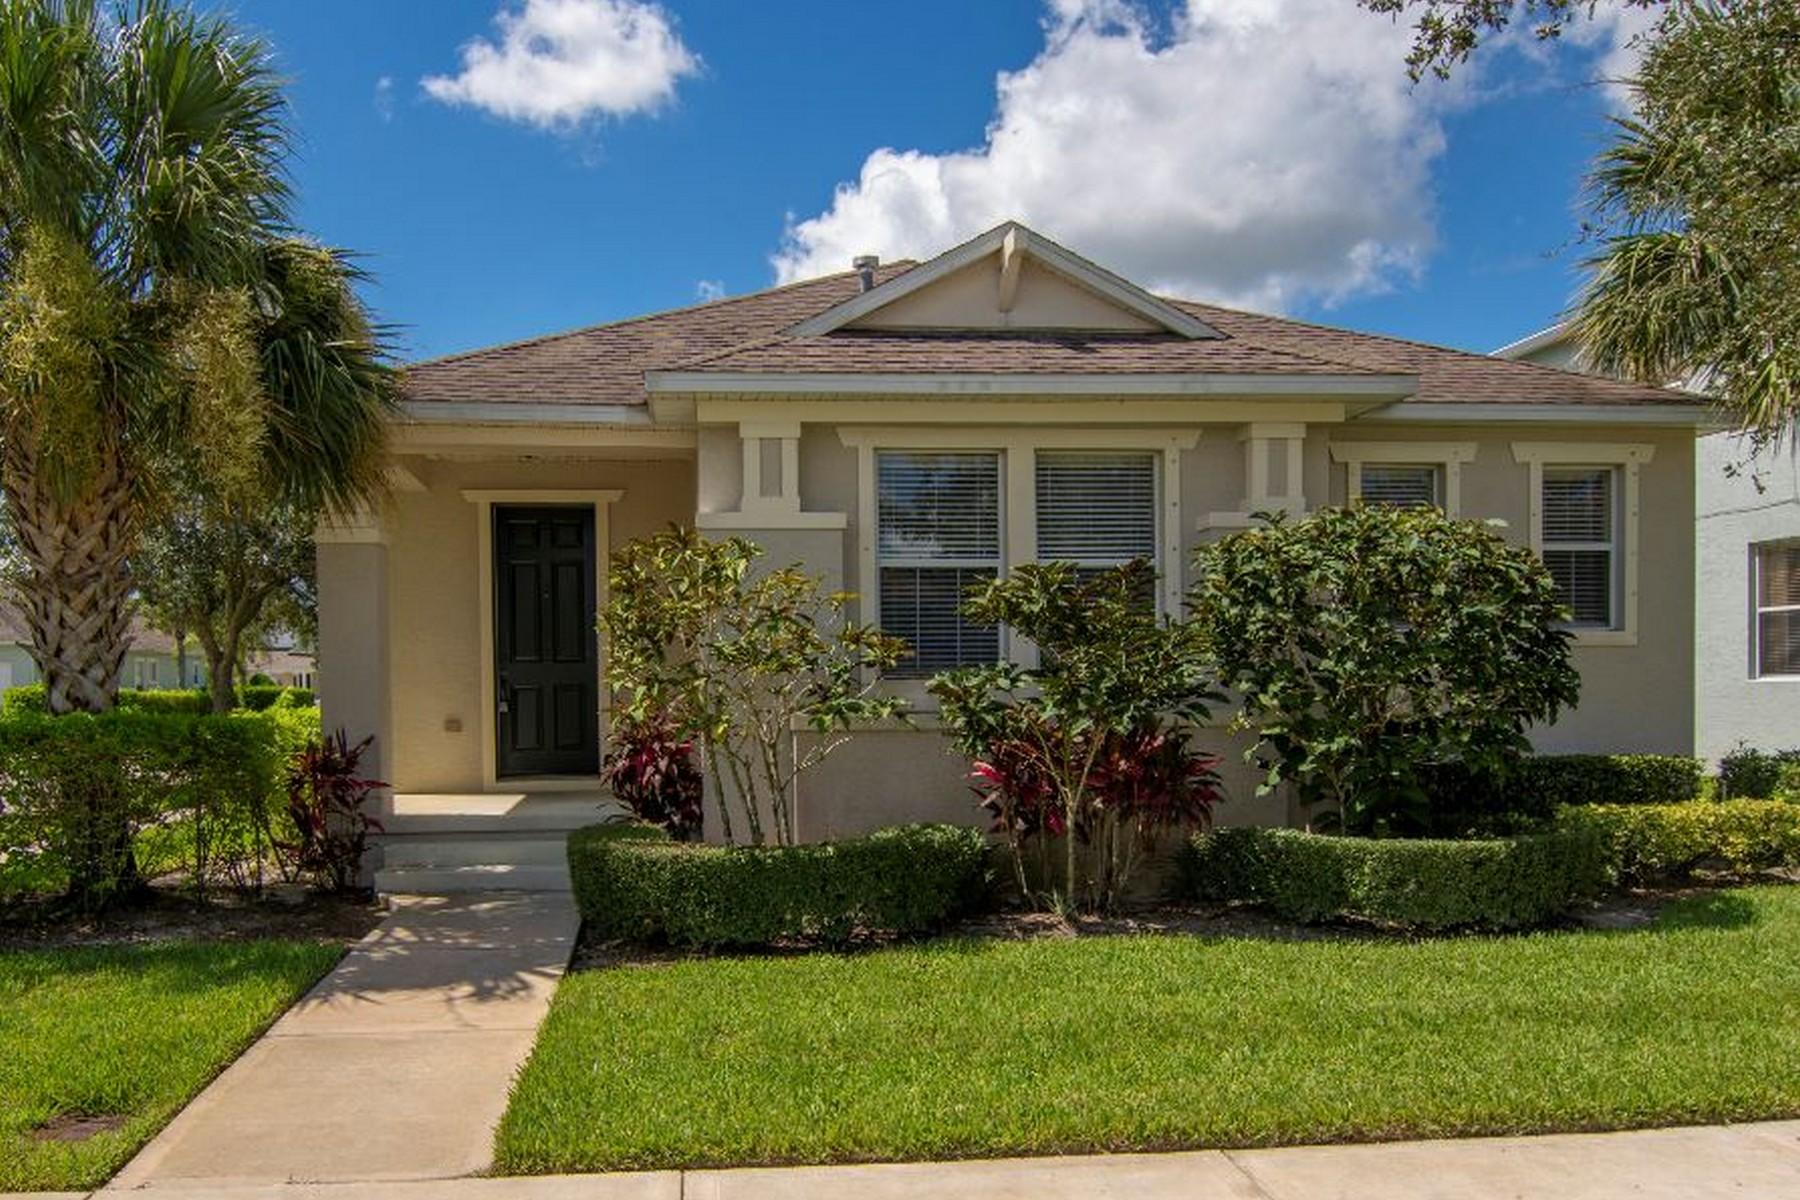 단독 가정 주택 용 매매 에 Tree Lined Street, Lovely Community and Home 7825 15th Street Vero Beach, 플로리다 32968 미국